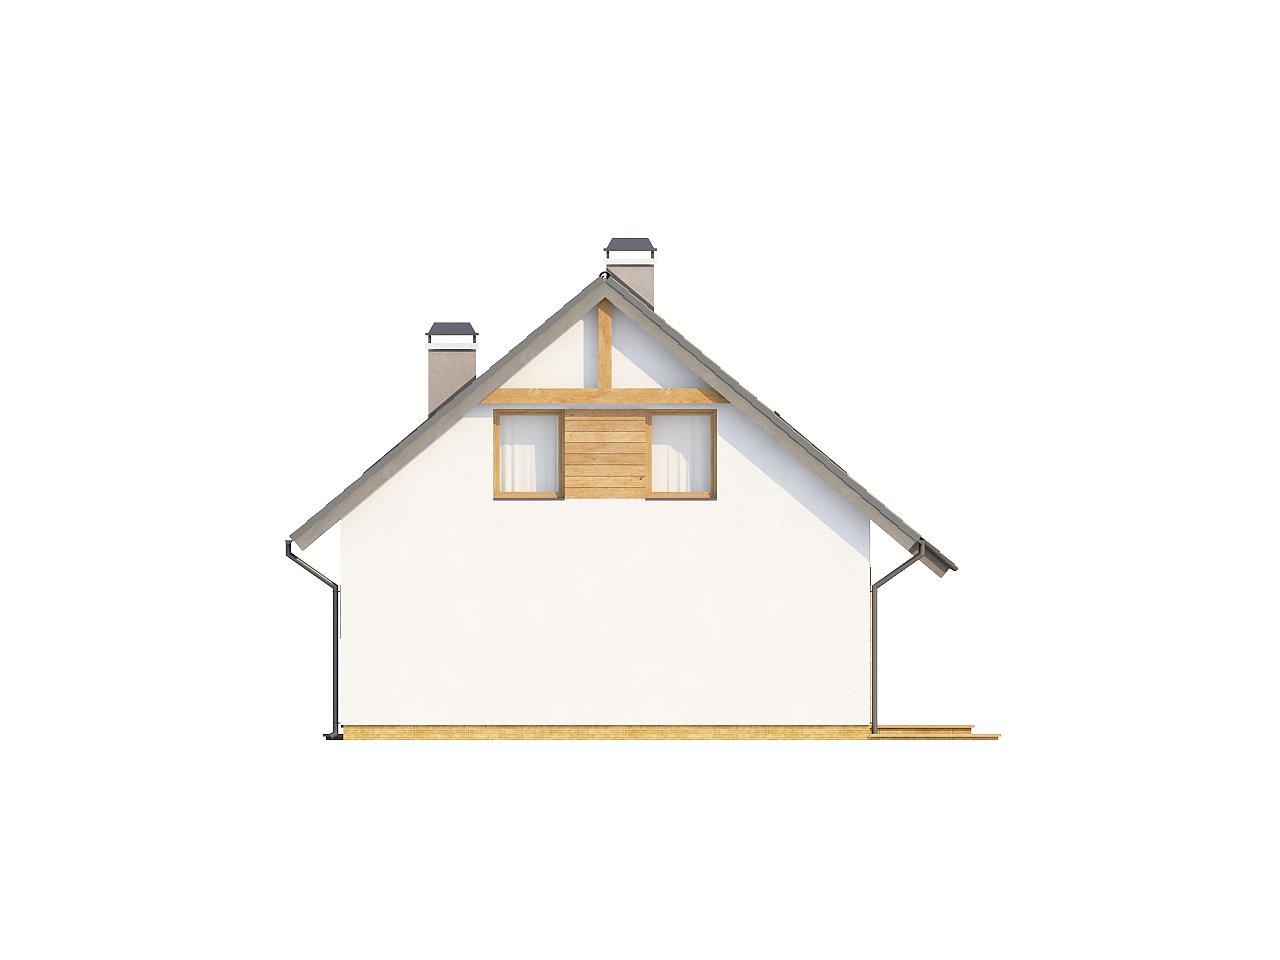 Проект комфортного и выгодного дома. 24